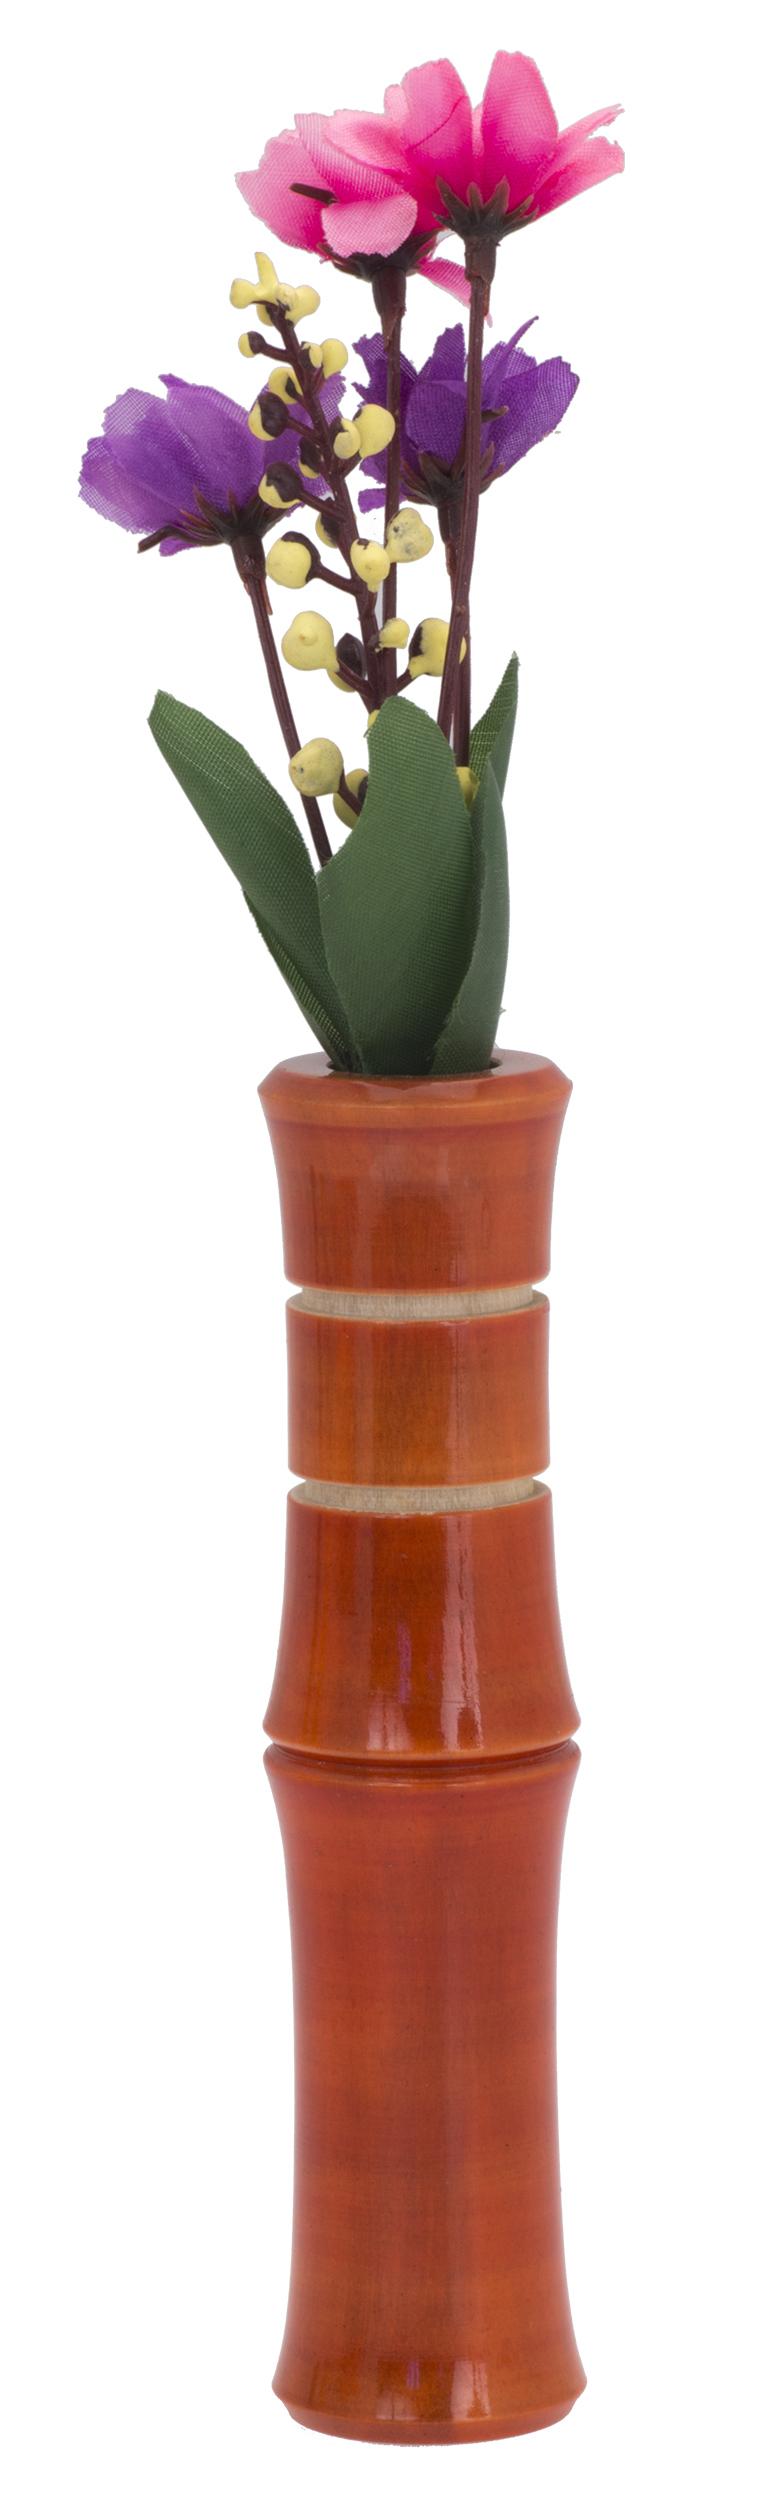 Liix Fahrradlenker Vase Bamboo Red